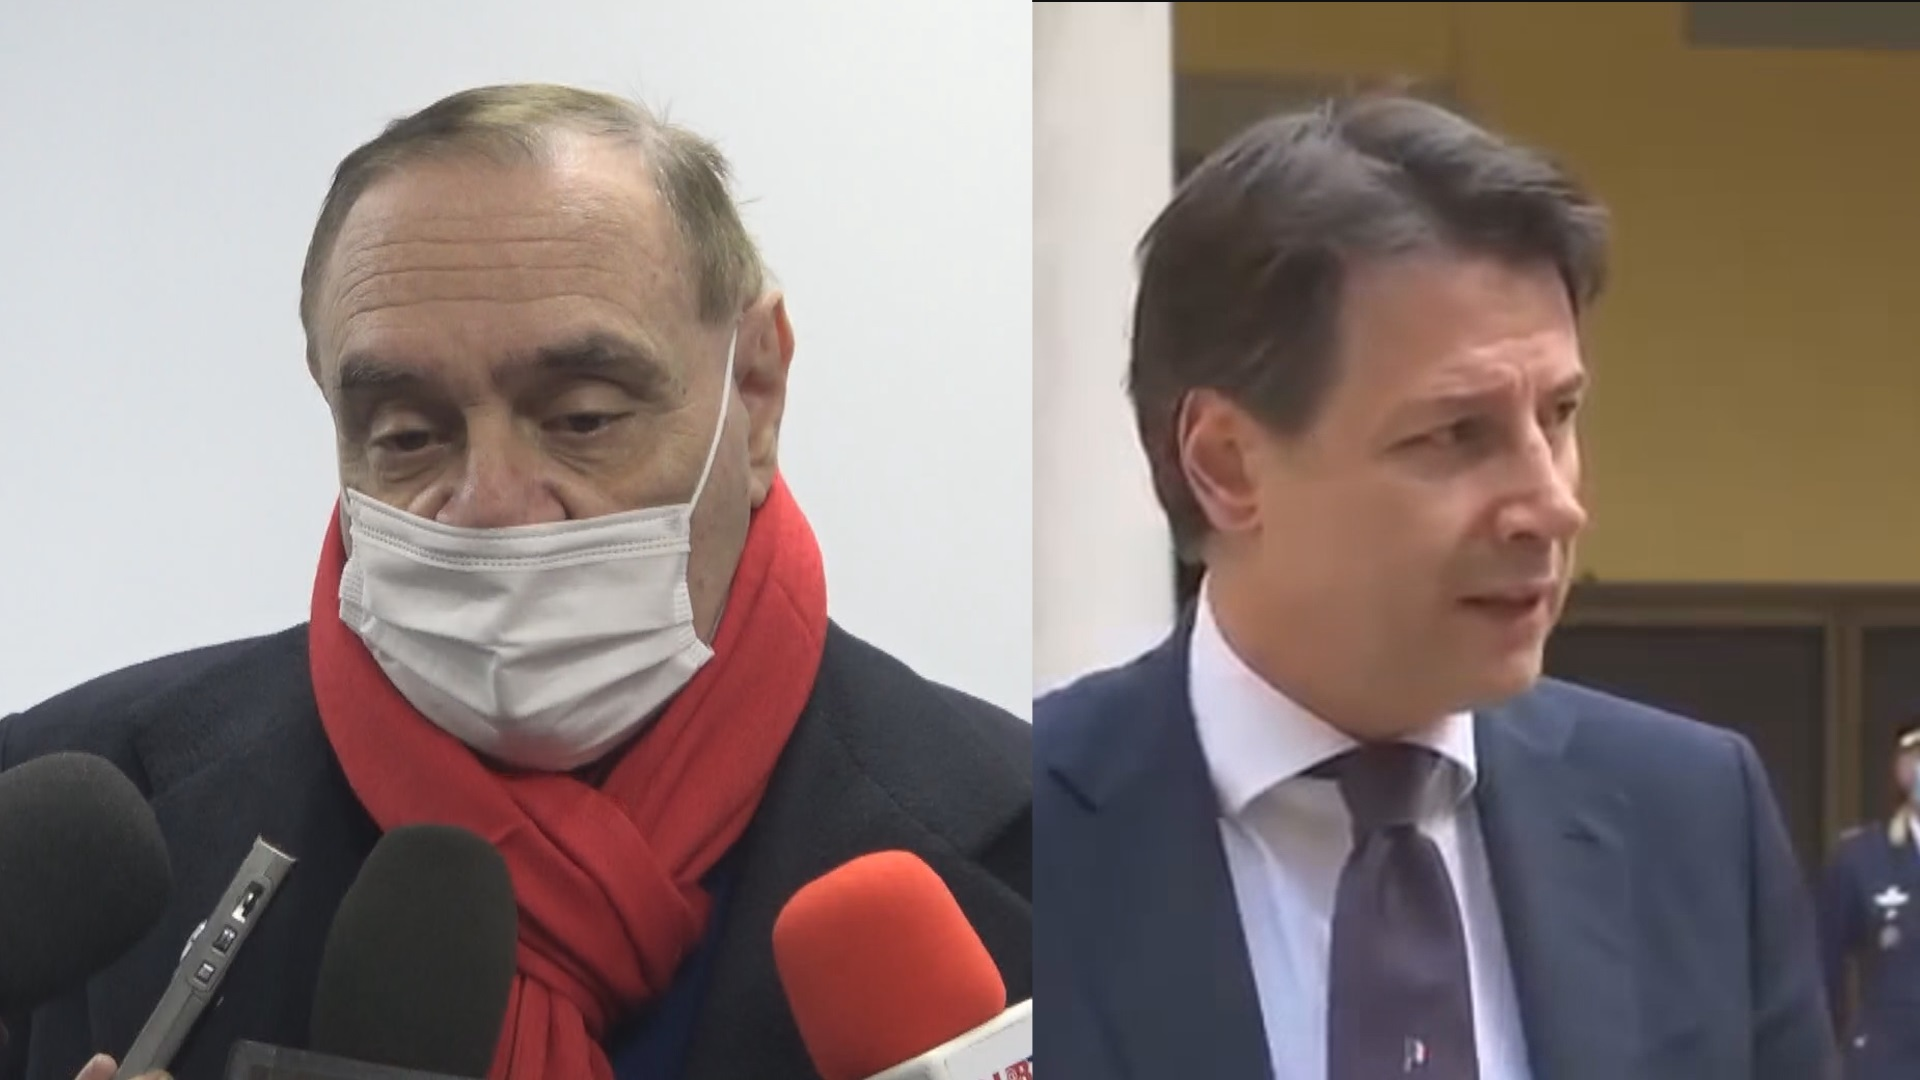 Benevento| Mastella tra nuovo partito, giudizi su Renzi e insulti (ricambiati) a Calenda